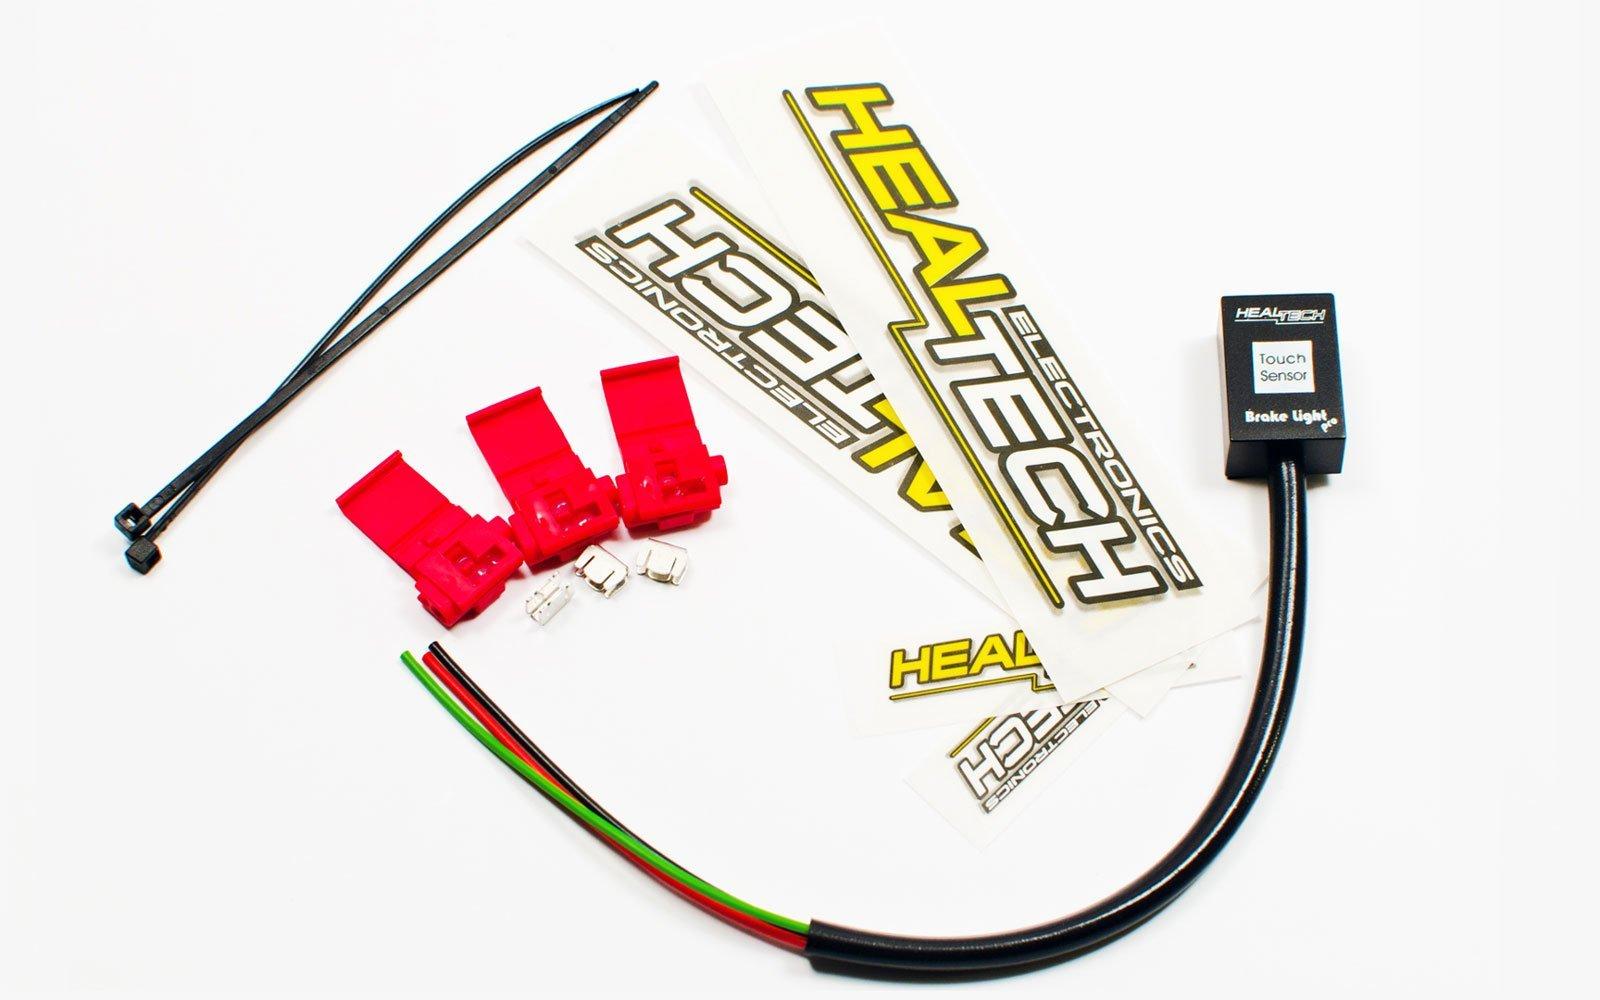 Healtech Brake Light Pro